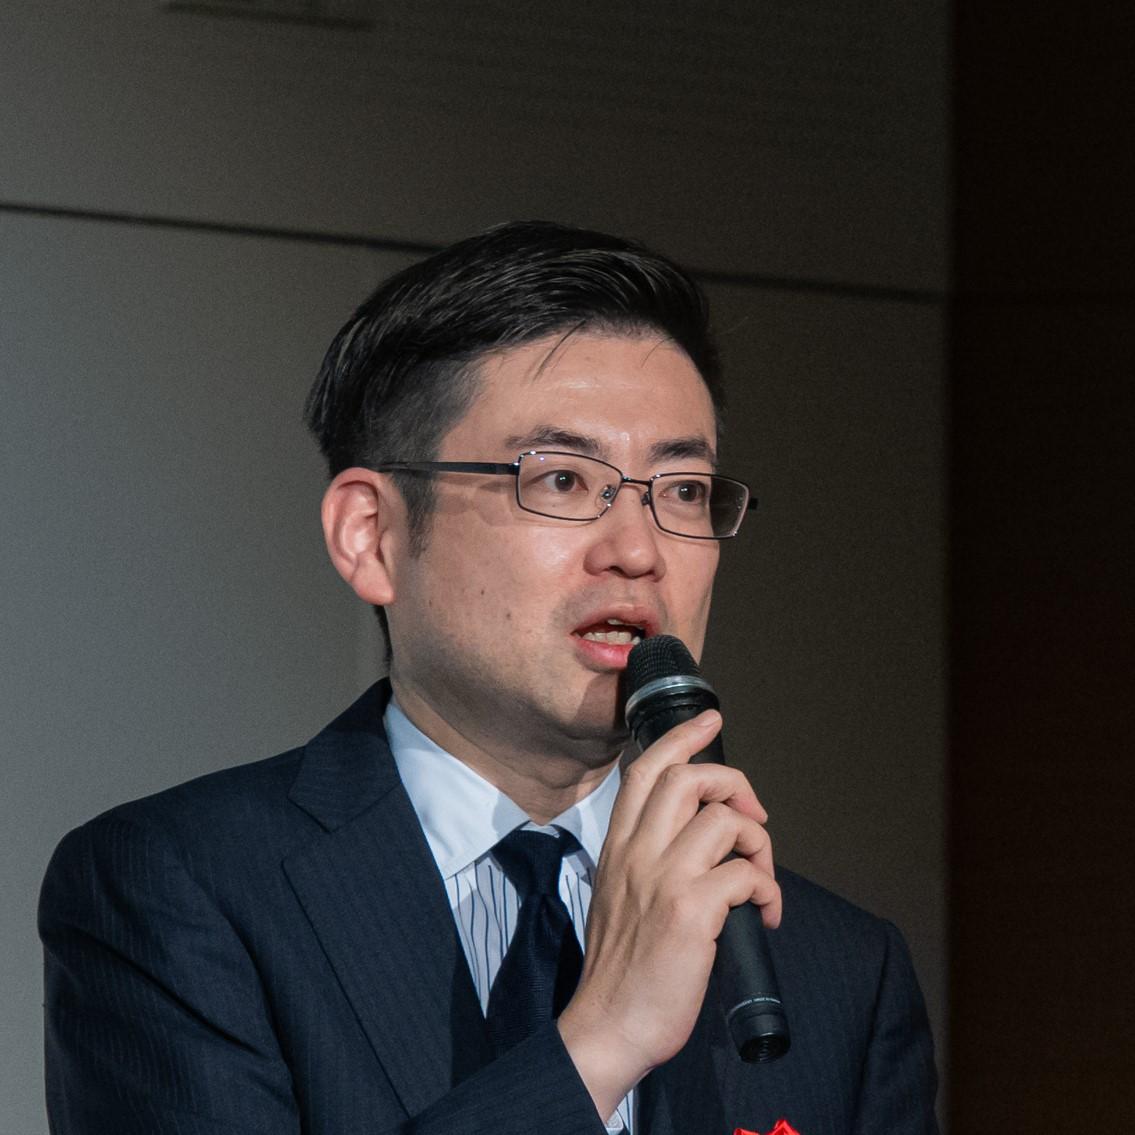 岡 俊太郎 氏